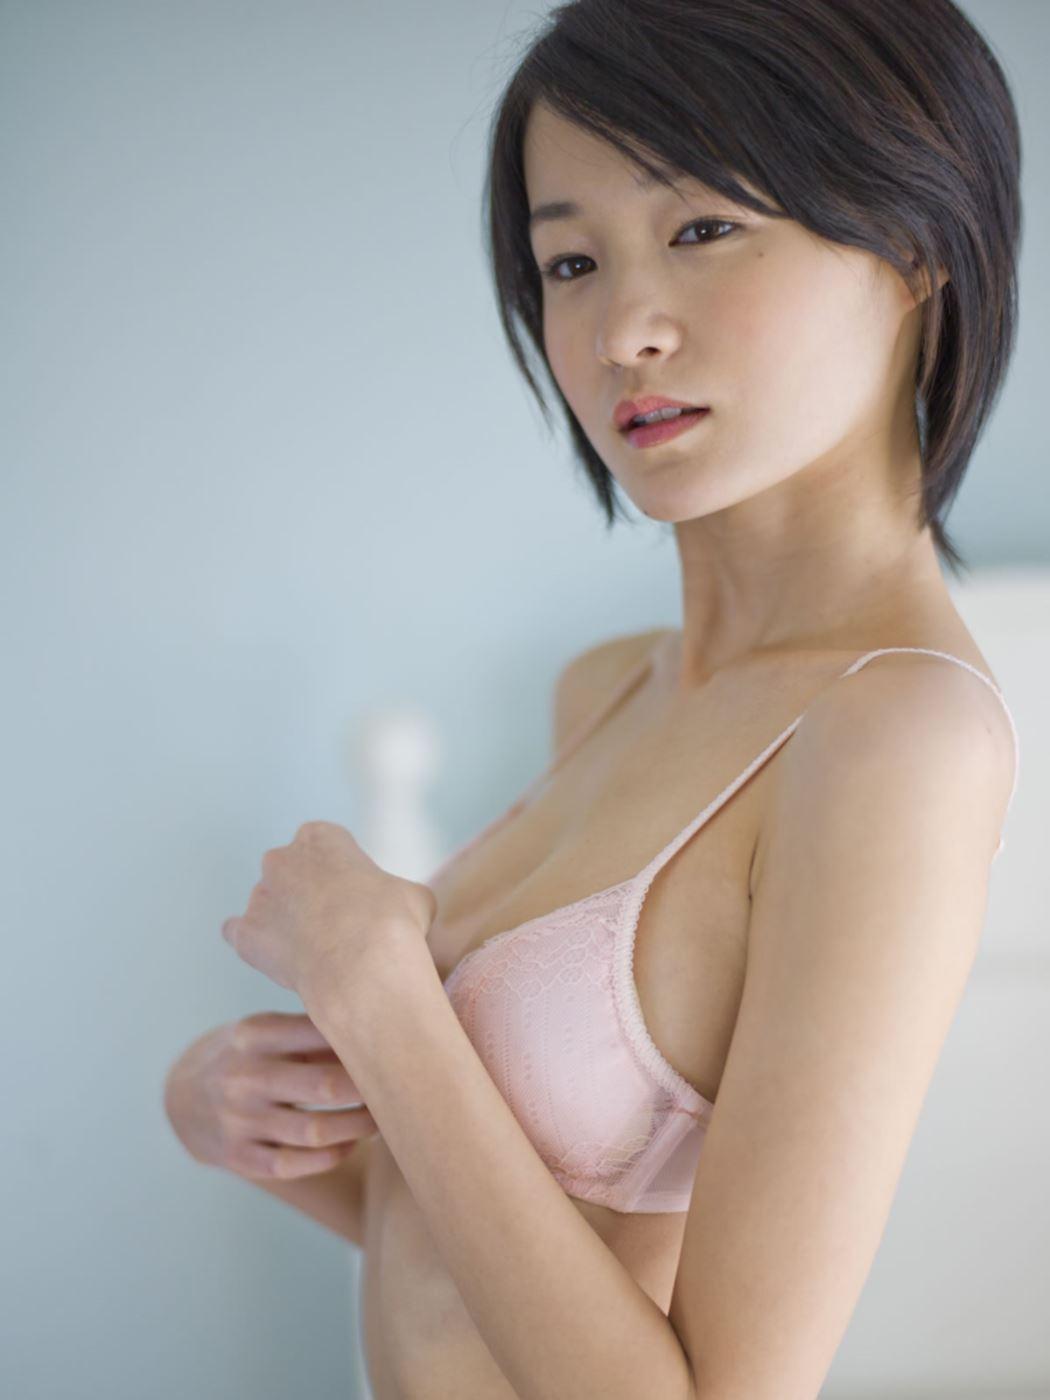 しほの涼 エロ画像 29